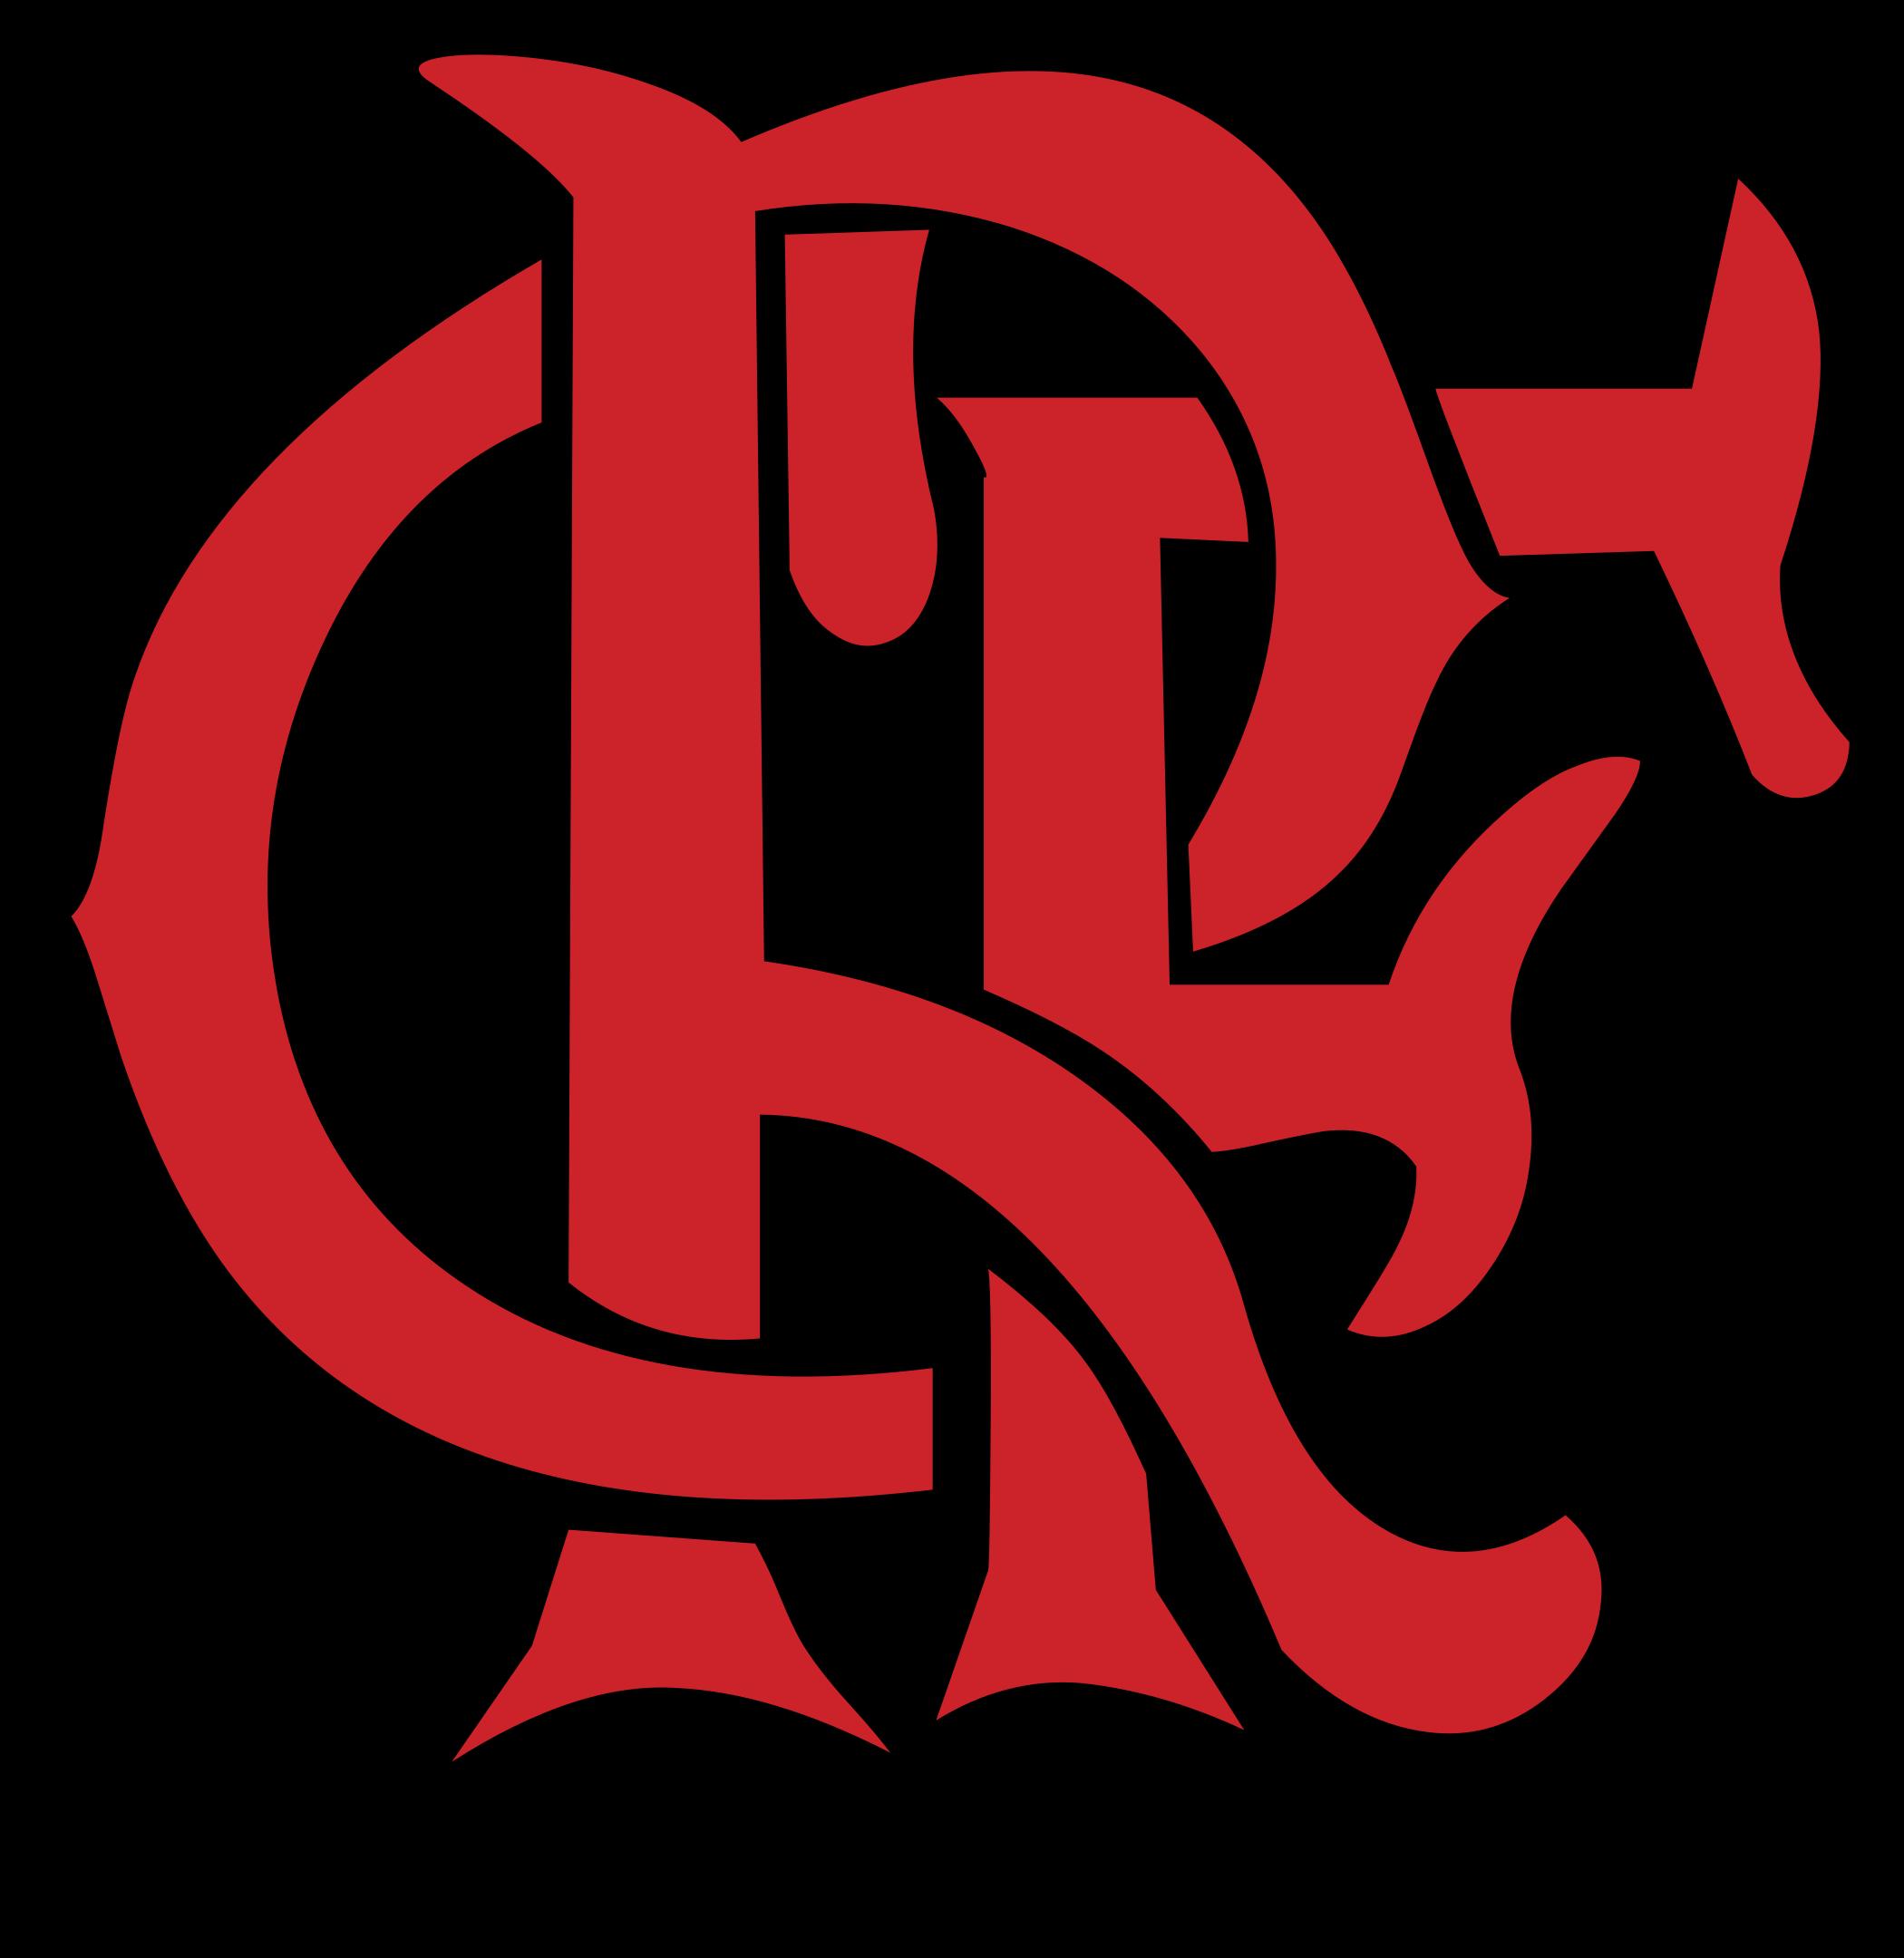 Bandeira do flamengo clipart jpg CRF do Flamengo - (.PNG) Transparente - Image PNG jpg